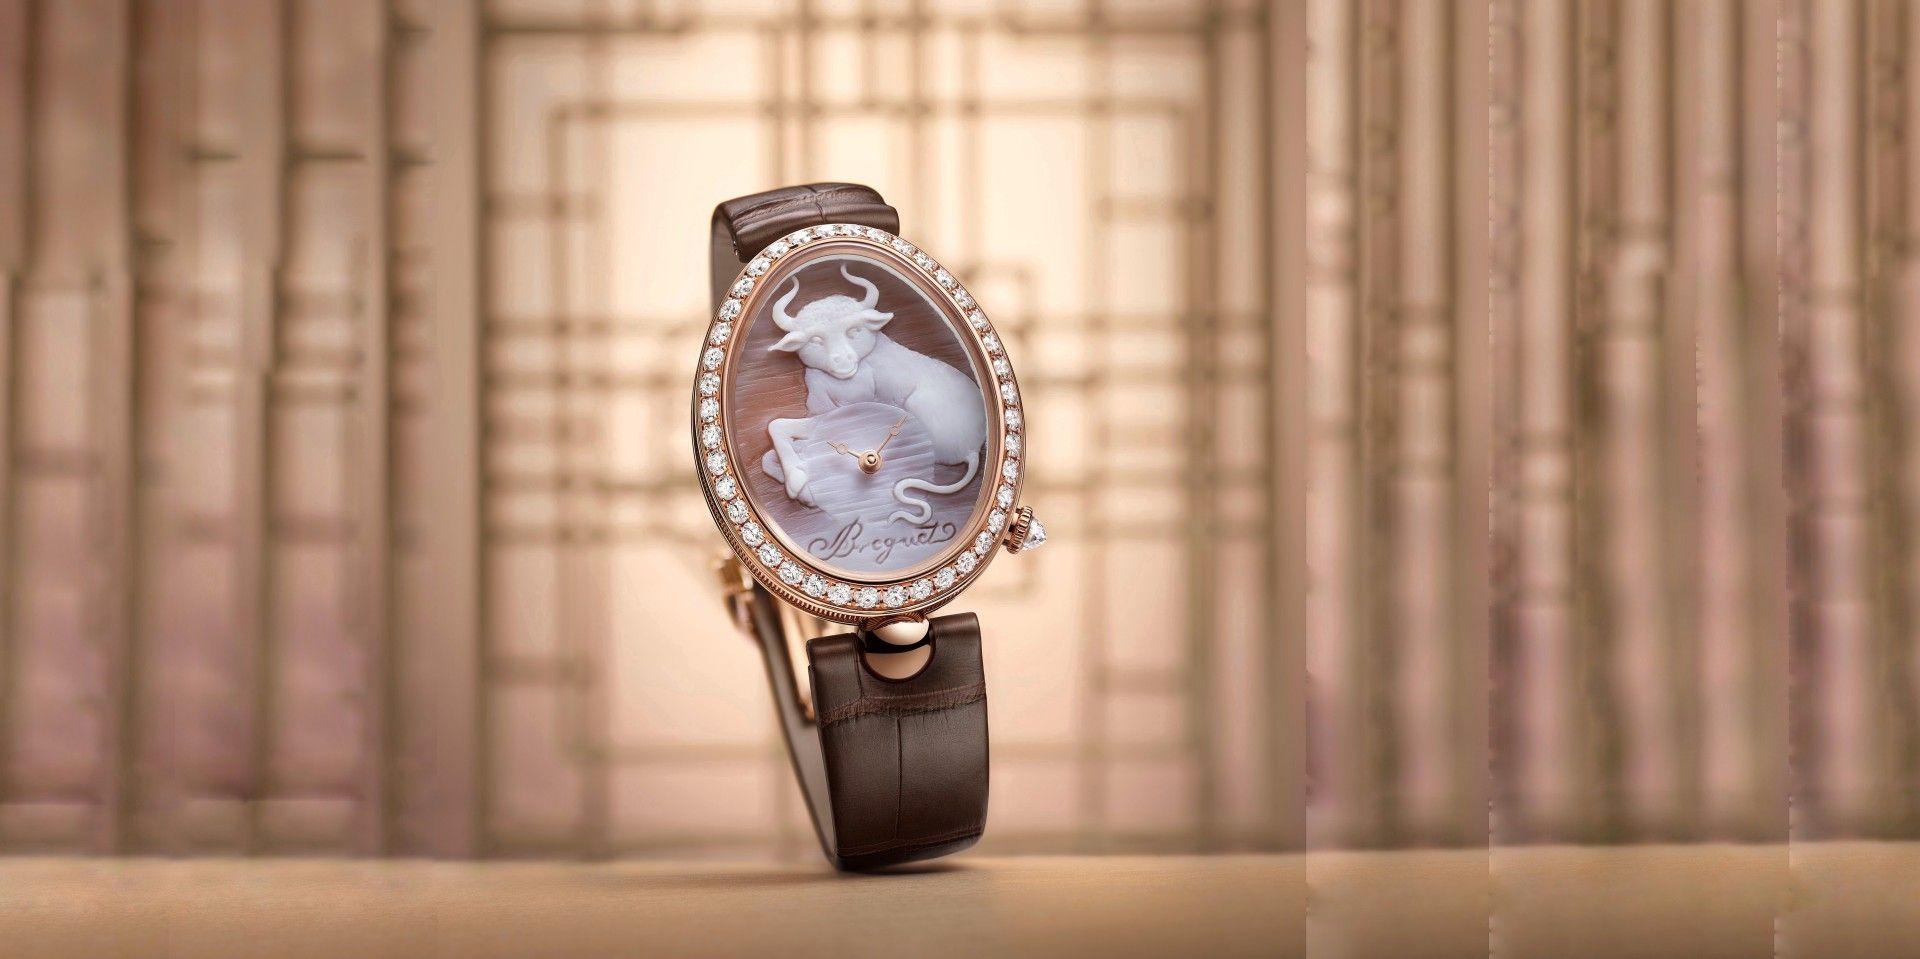 寶璣以貝殼浮雕工藝禮讚牛年,隆重獻上Reine de Naples 8955 Cammea腕錶